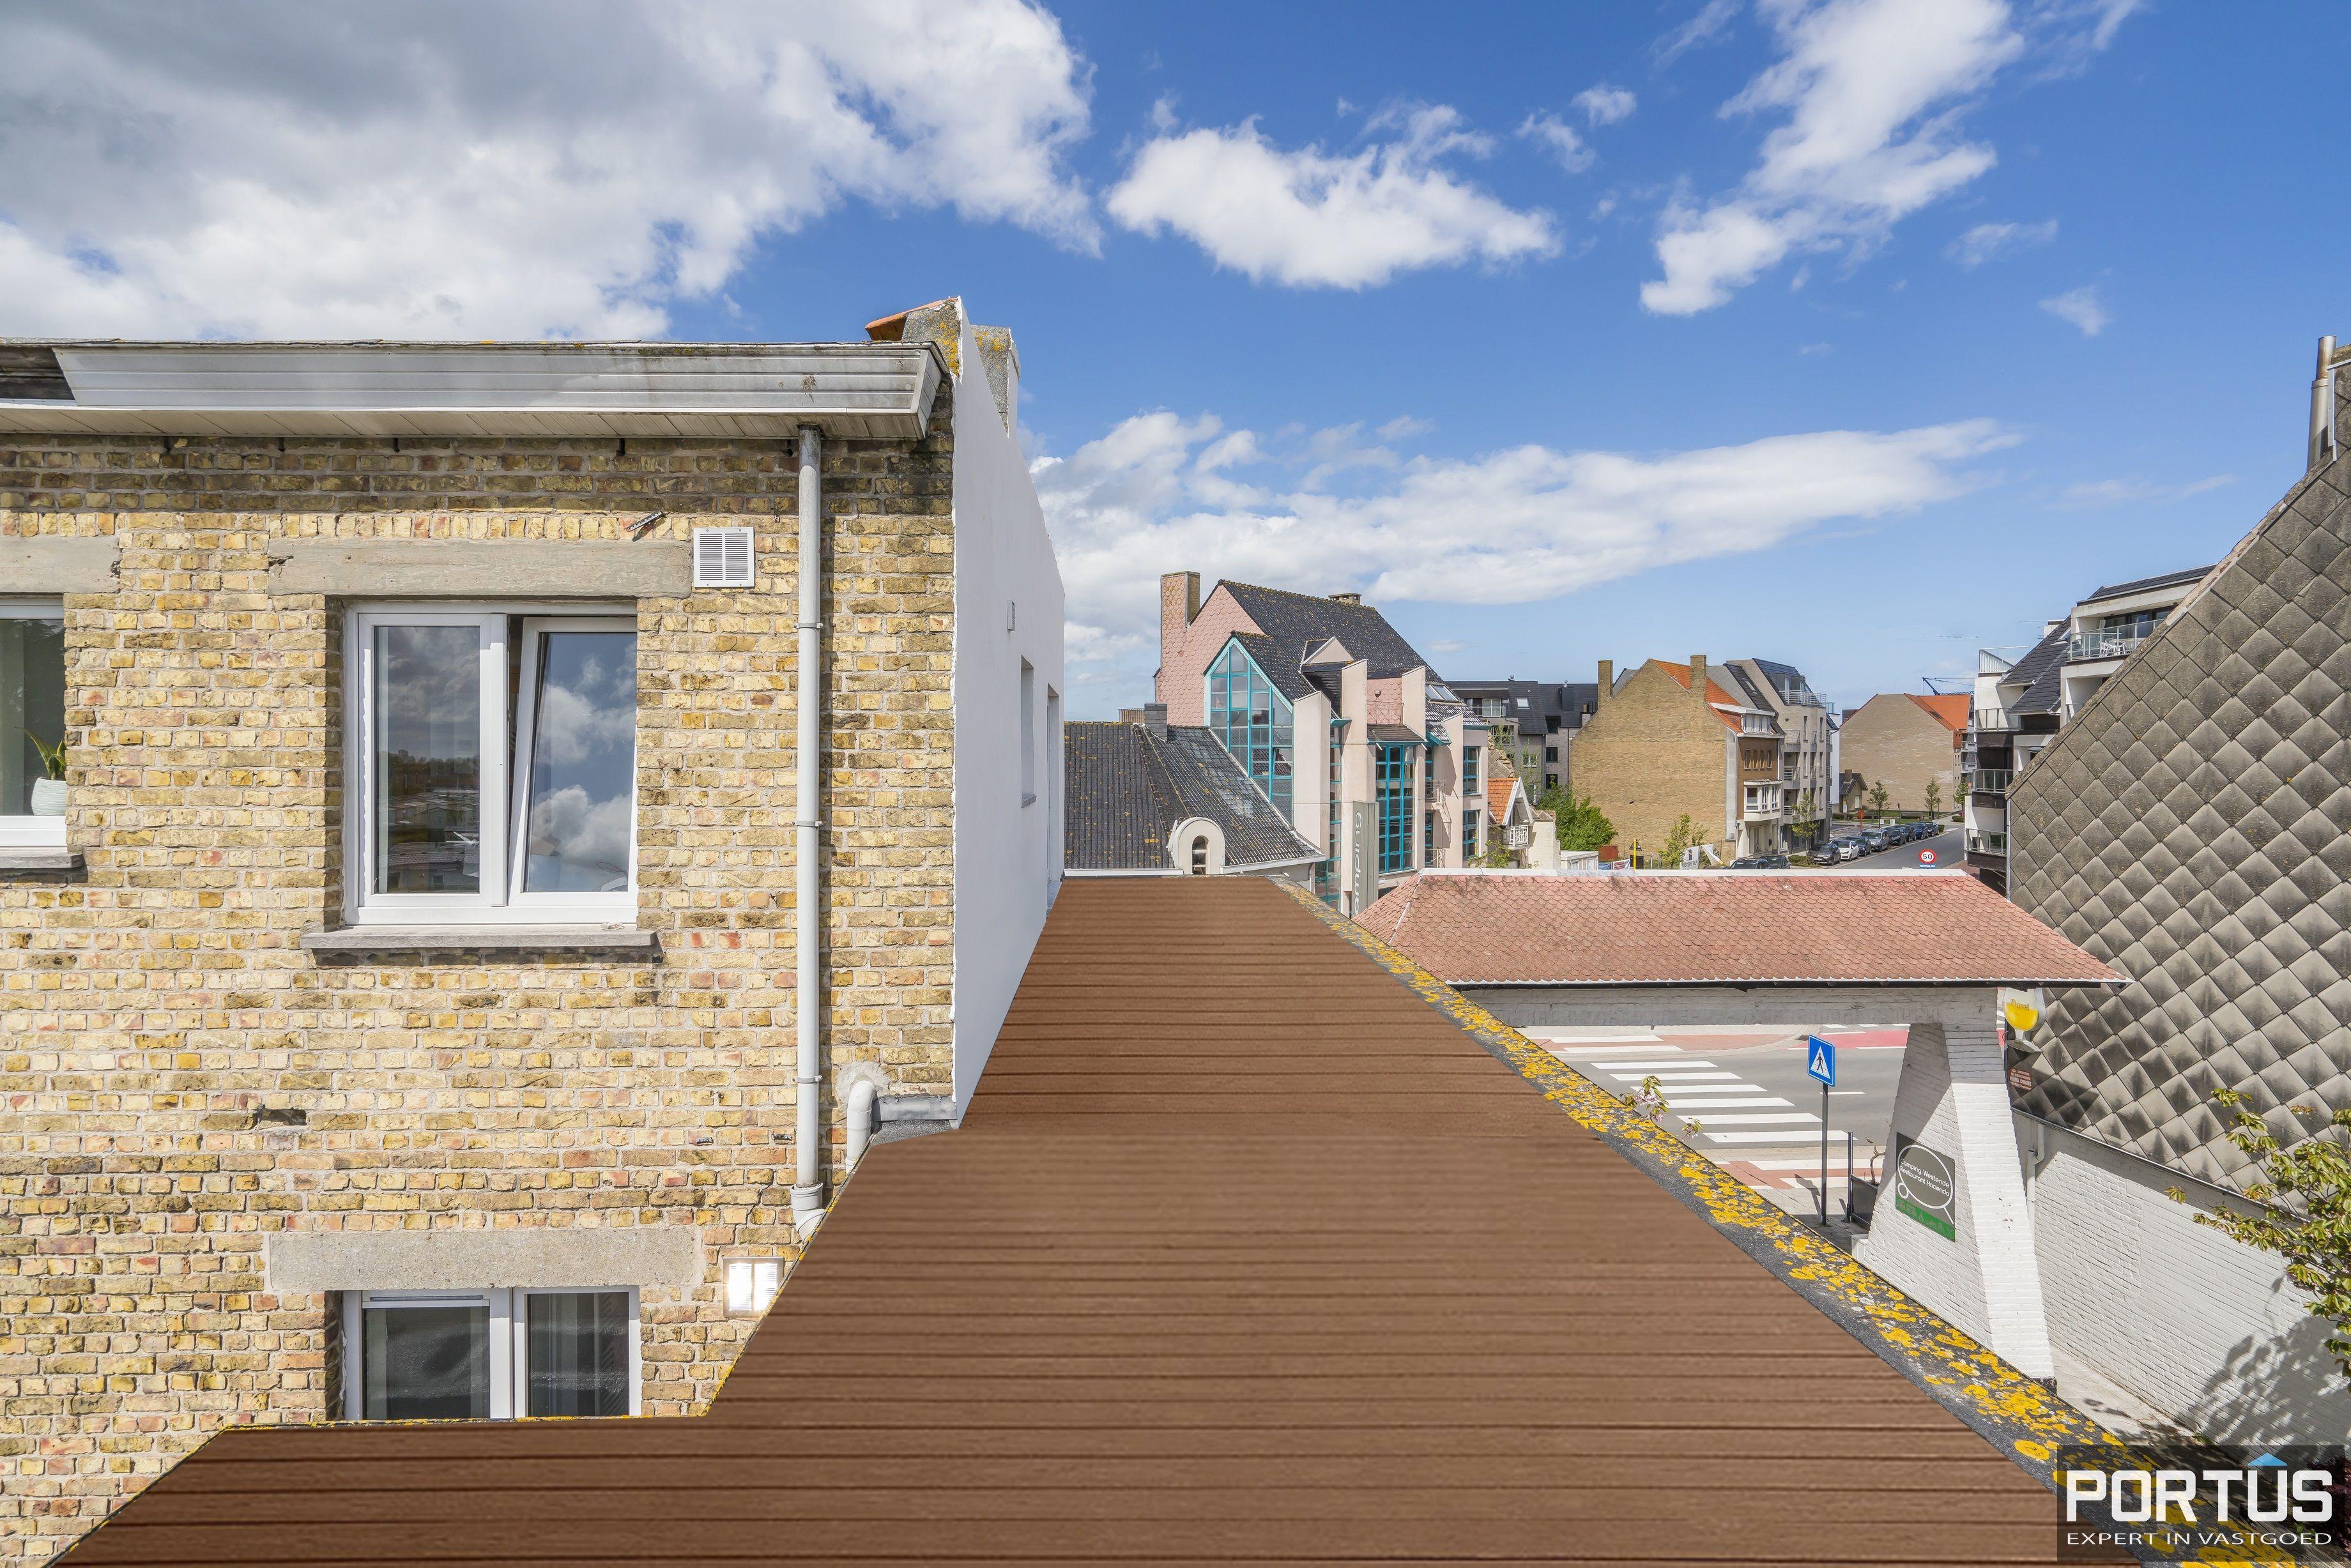 Appartement met 3 slaapkamers te koop te Westende - 12876